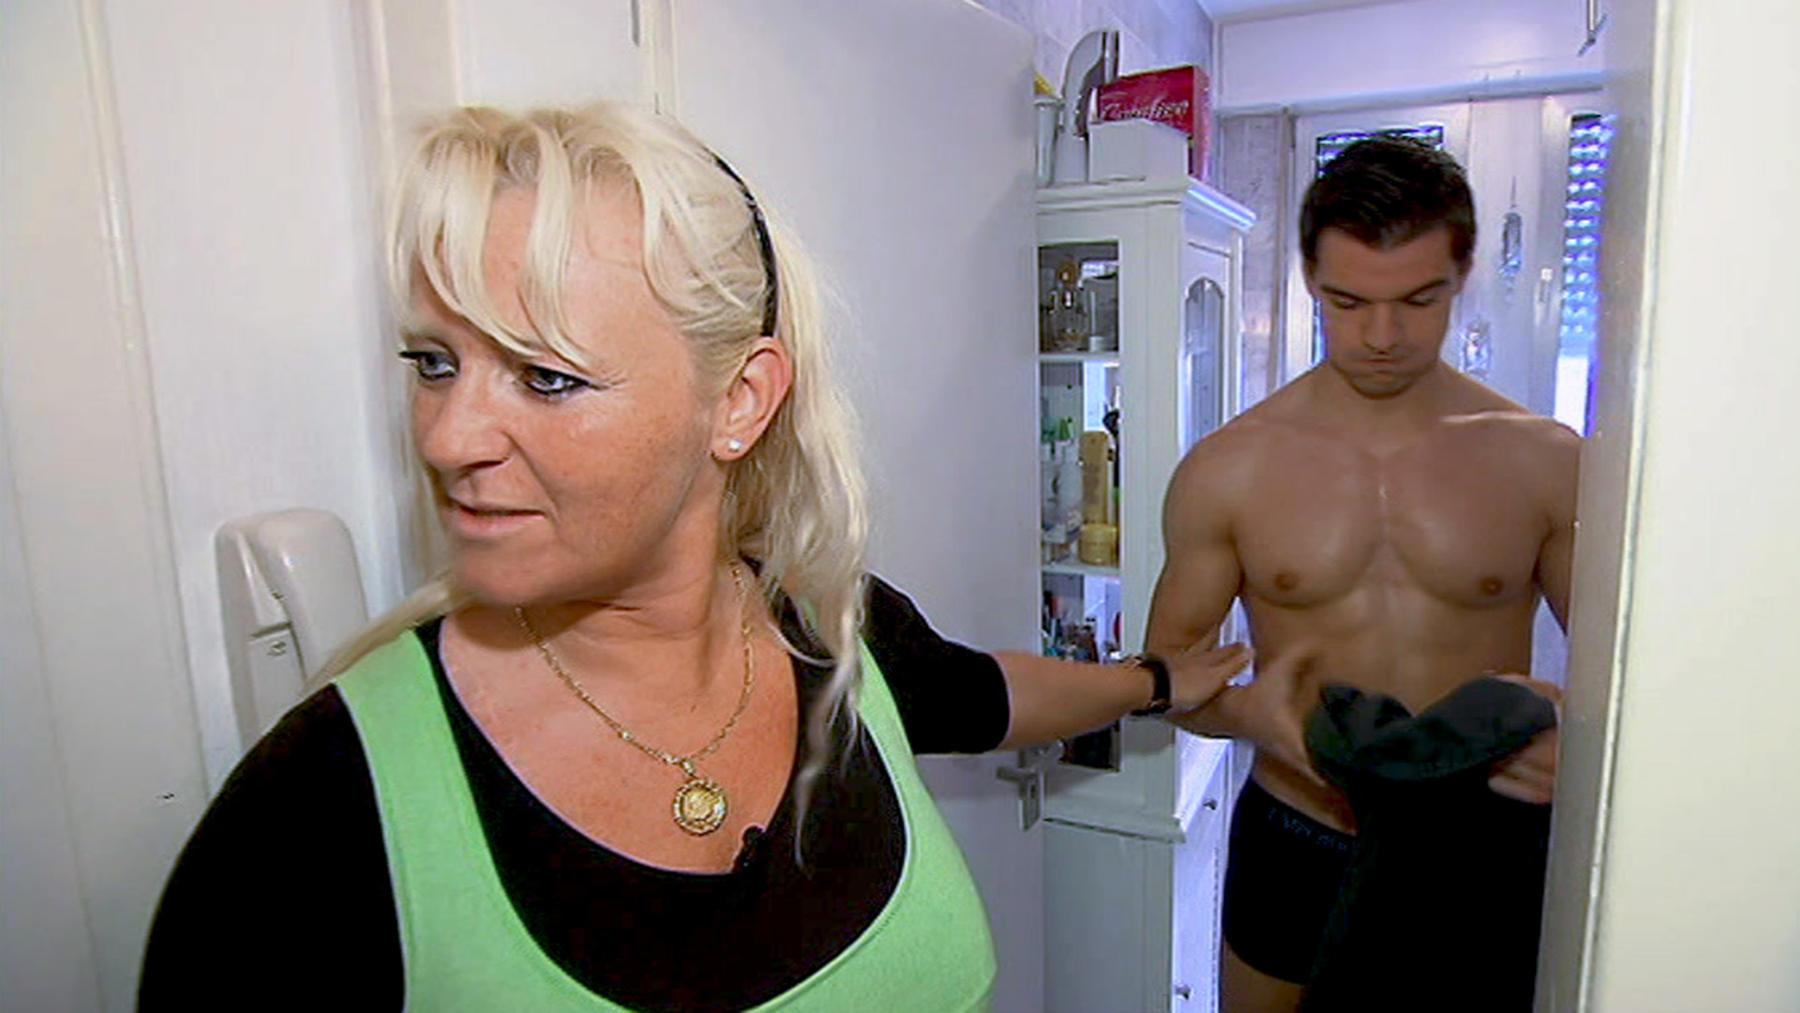 Junger Liebhaber der Mutter bringt Familie durcheinander